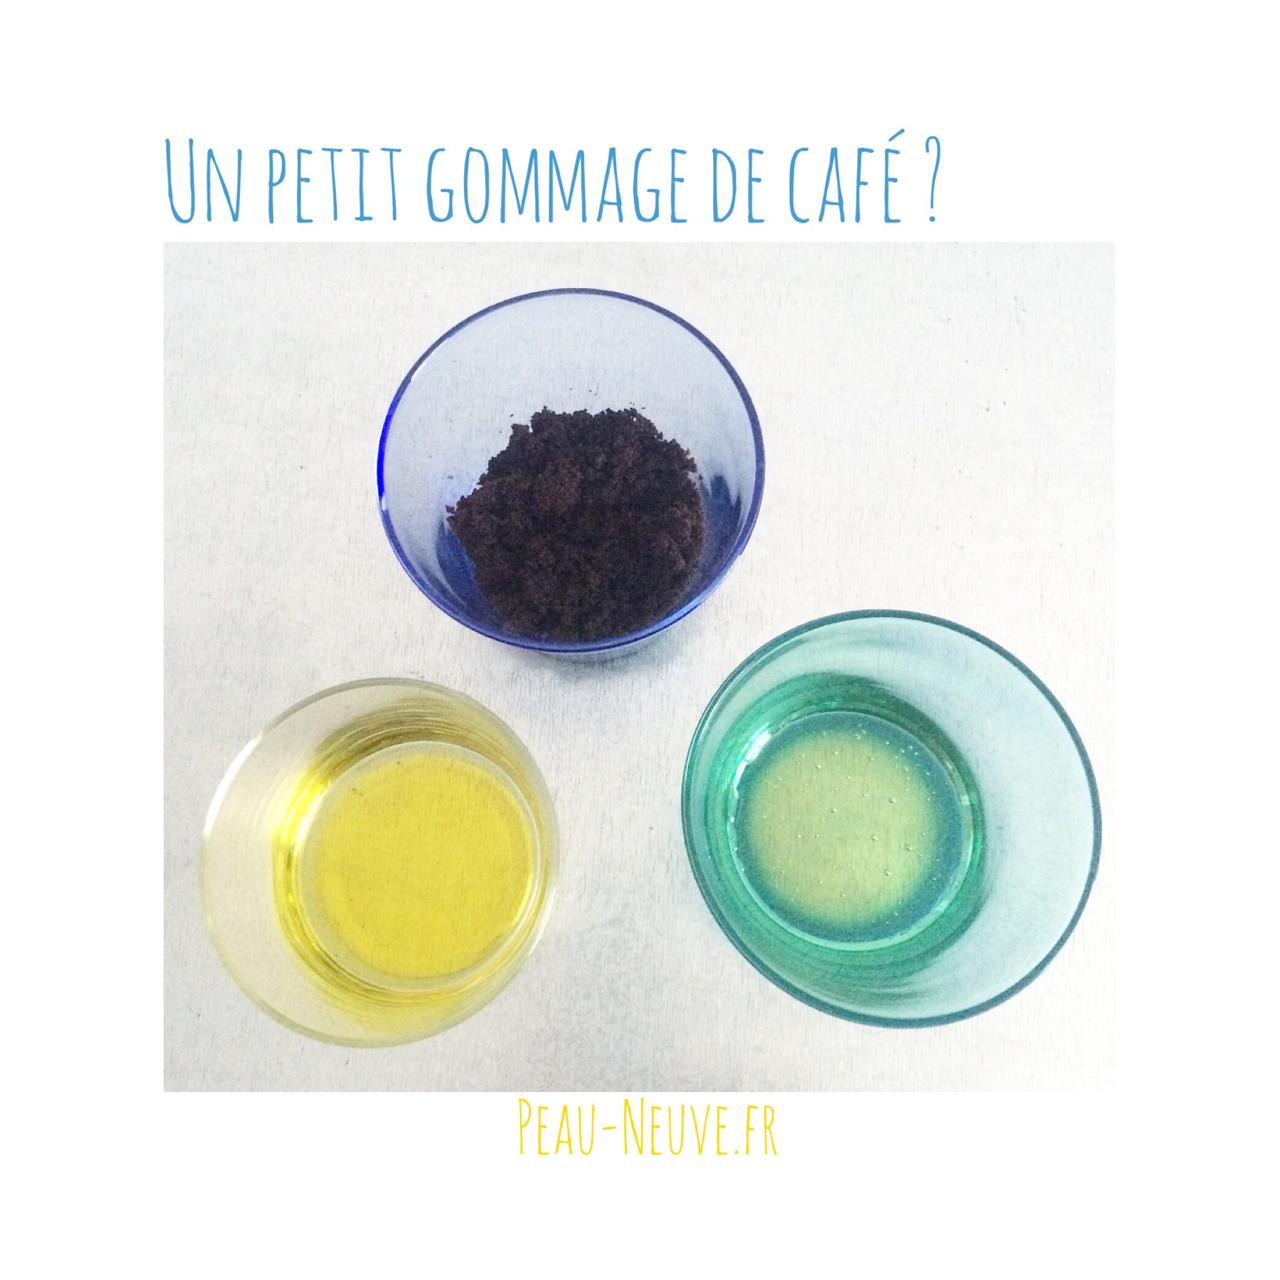 Un Petit Gommage De Cafe Peau Neuve